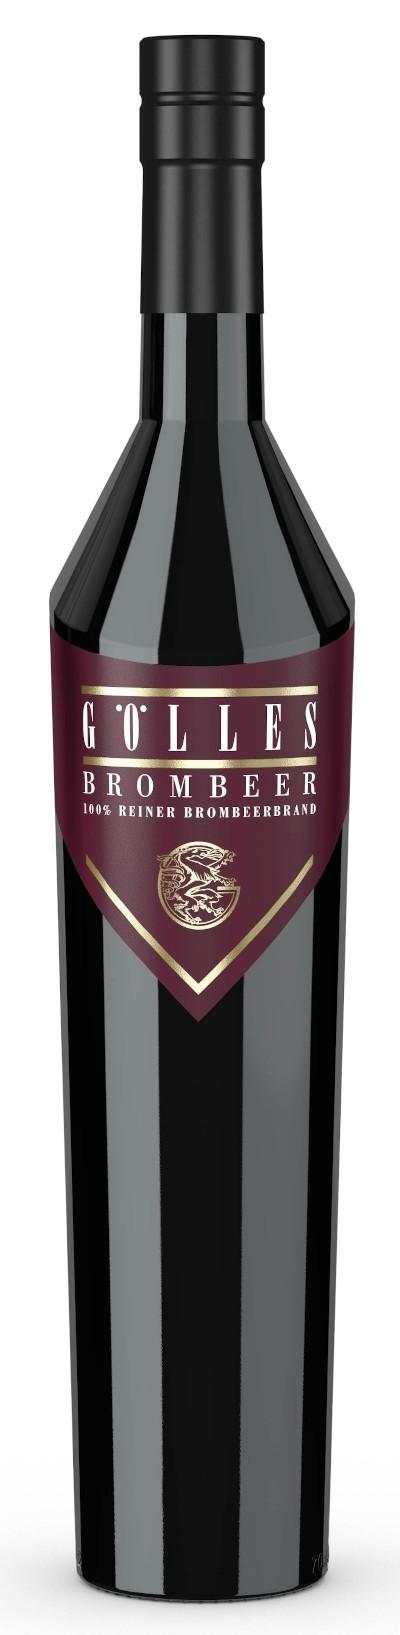 Gölles - Brombeere